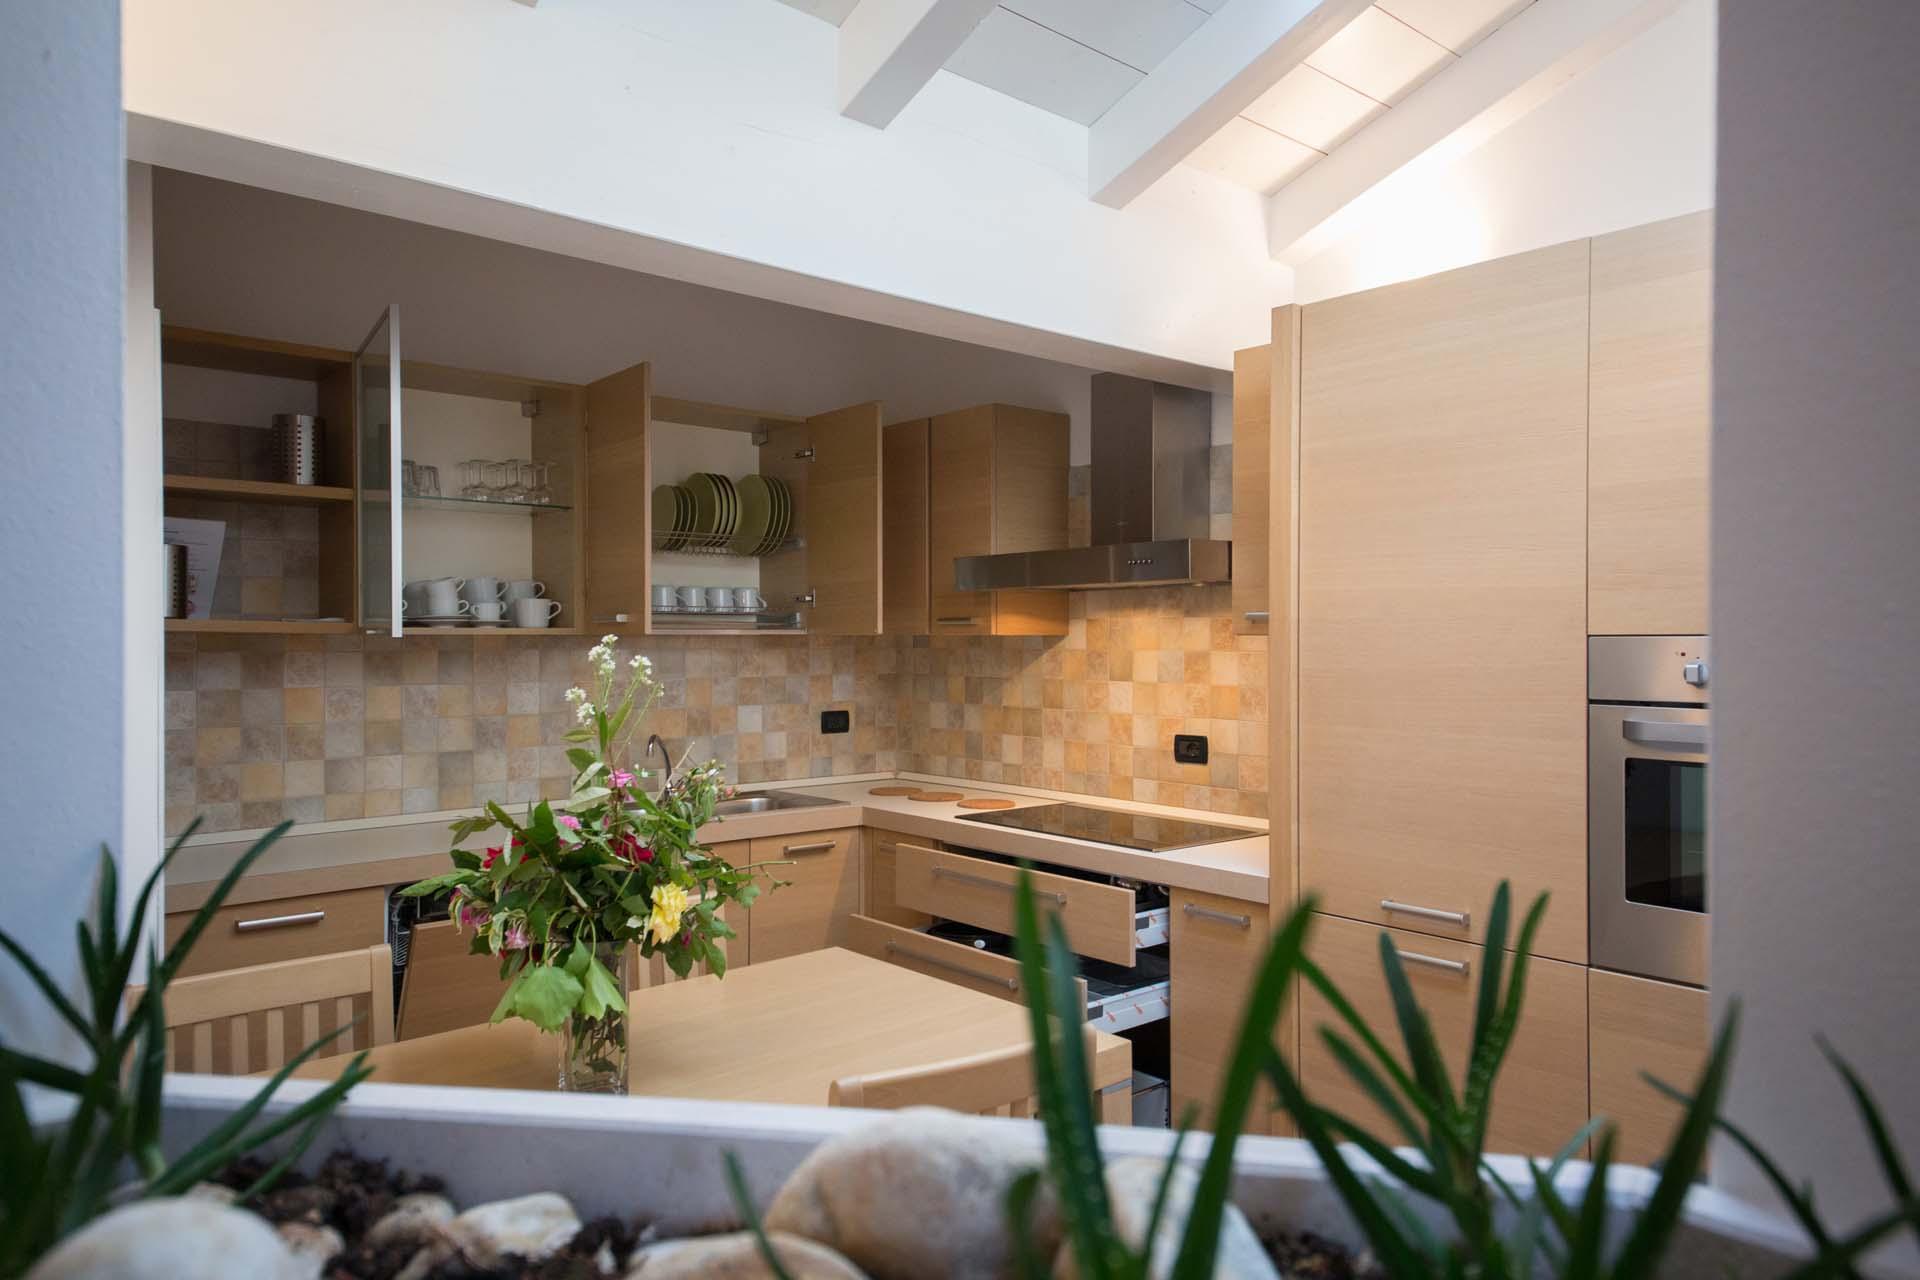 Appartamenti miralago hotel residence appartamenti for 2 camere da letto 2 bagni